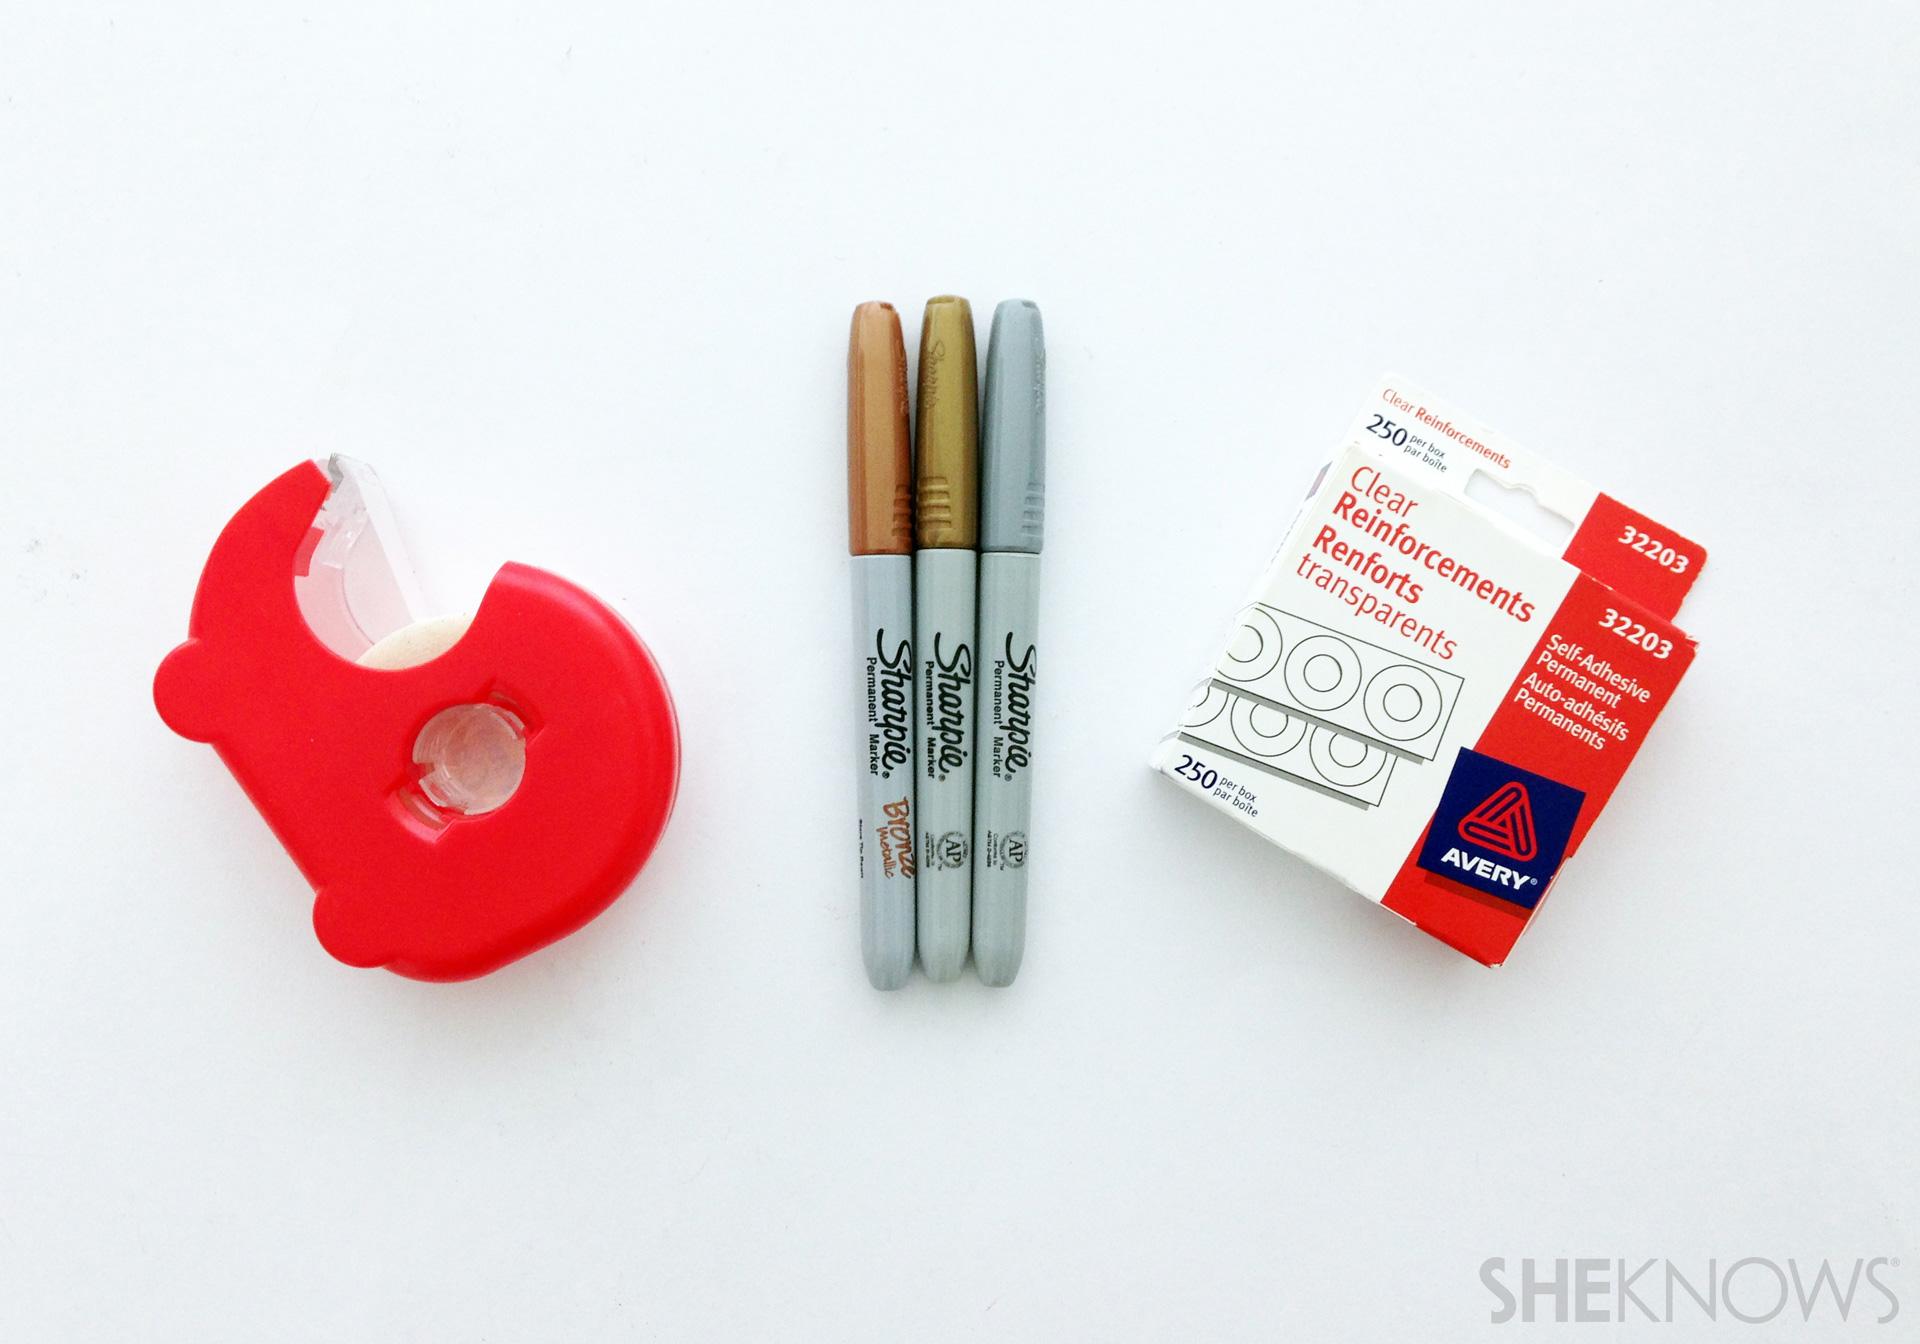 Stationary nail art supplies